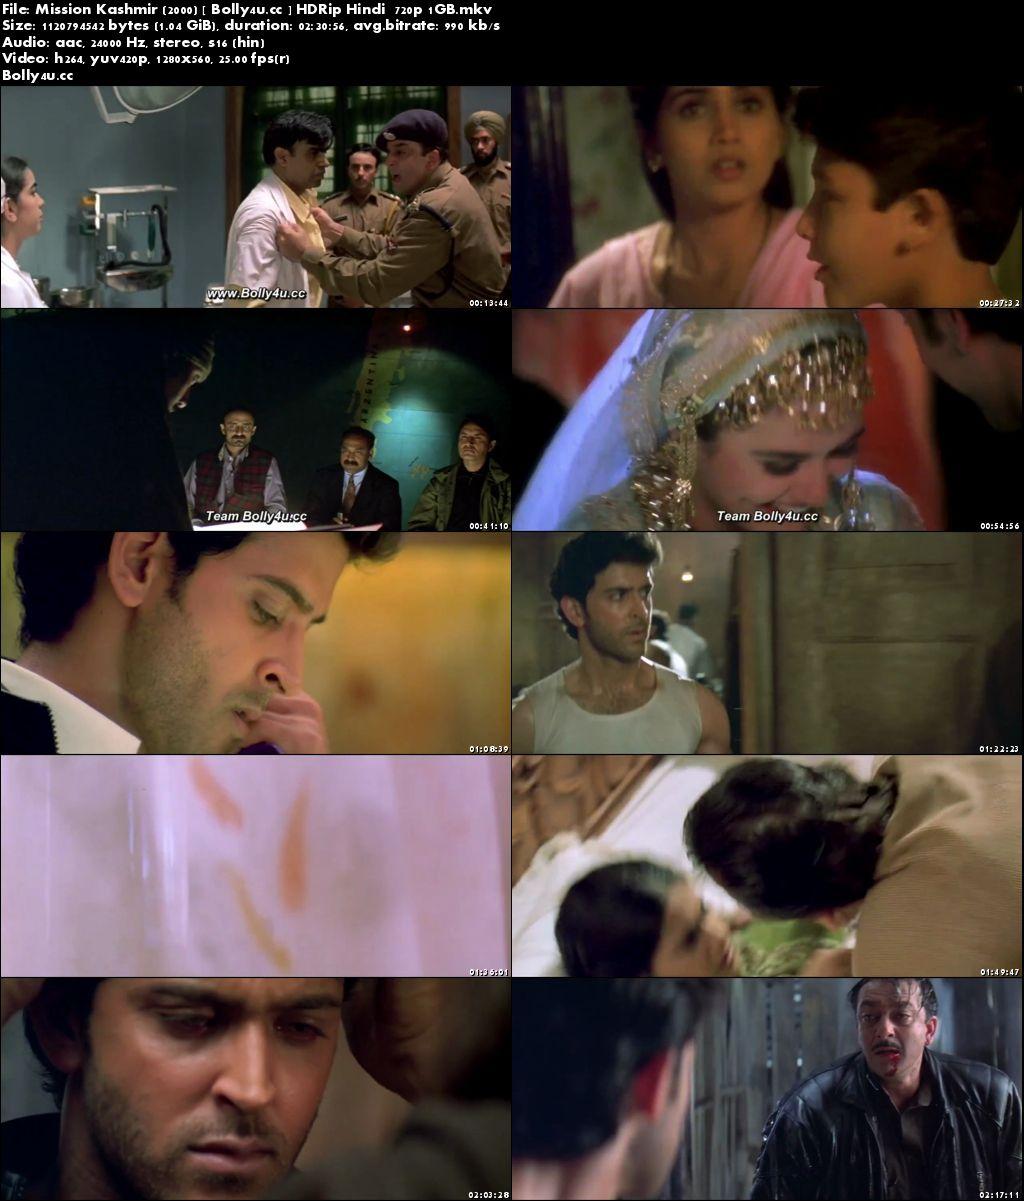 Mission Kashmir 2000 HDRip 1Gb Full Hindi Movie Download 720p